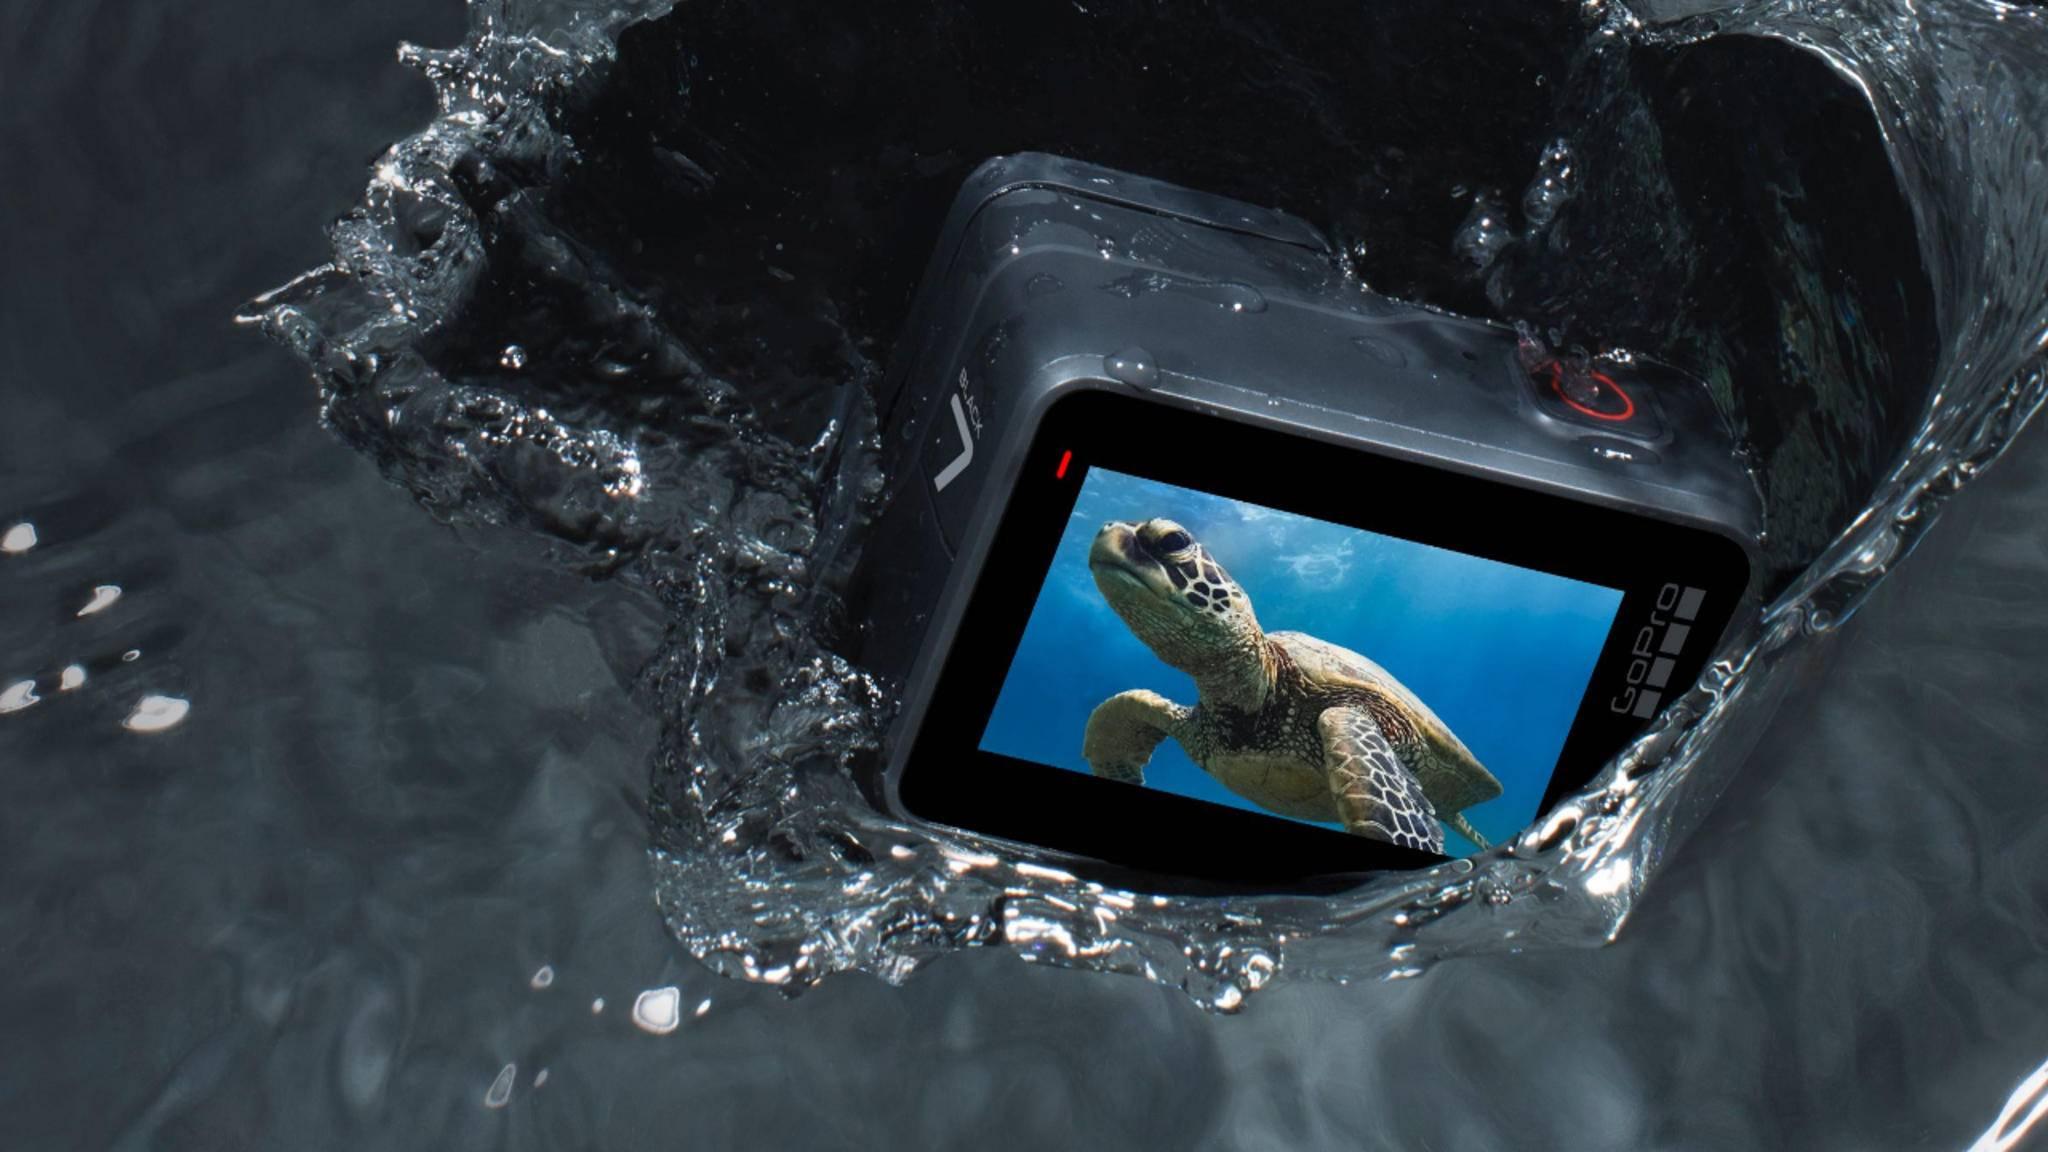 Der Nachfolger der GoPro Hero7 steht in den Startlöchern.